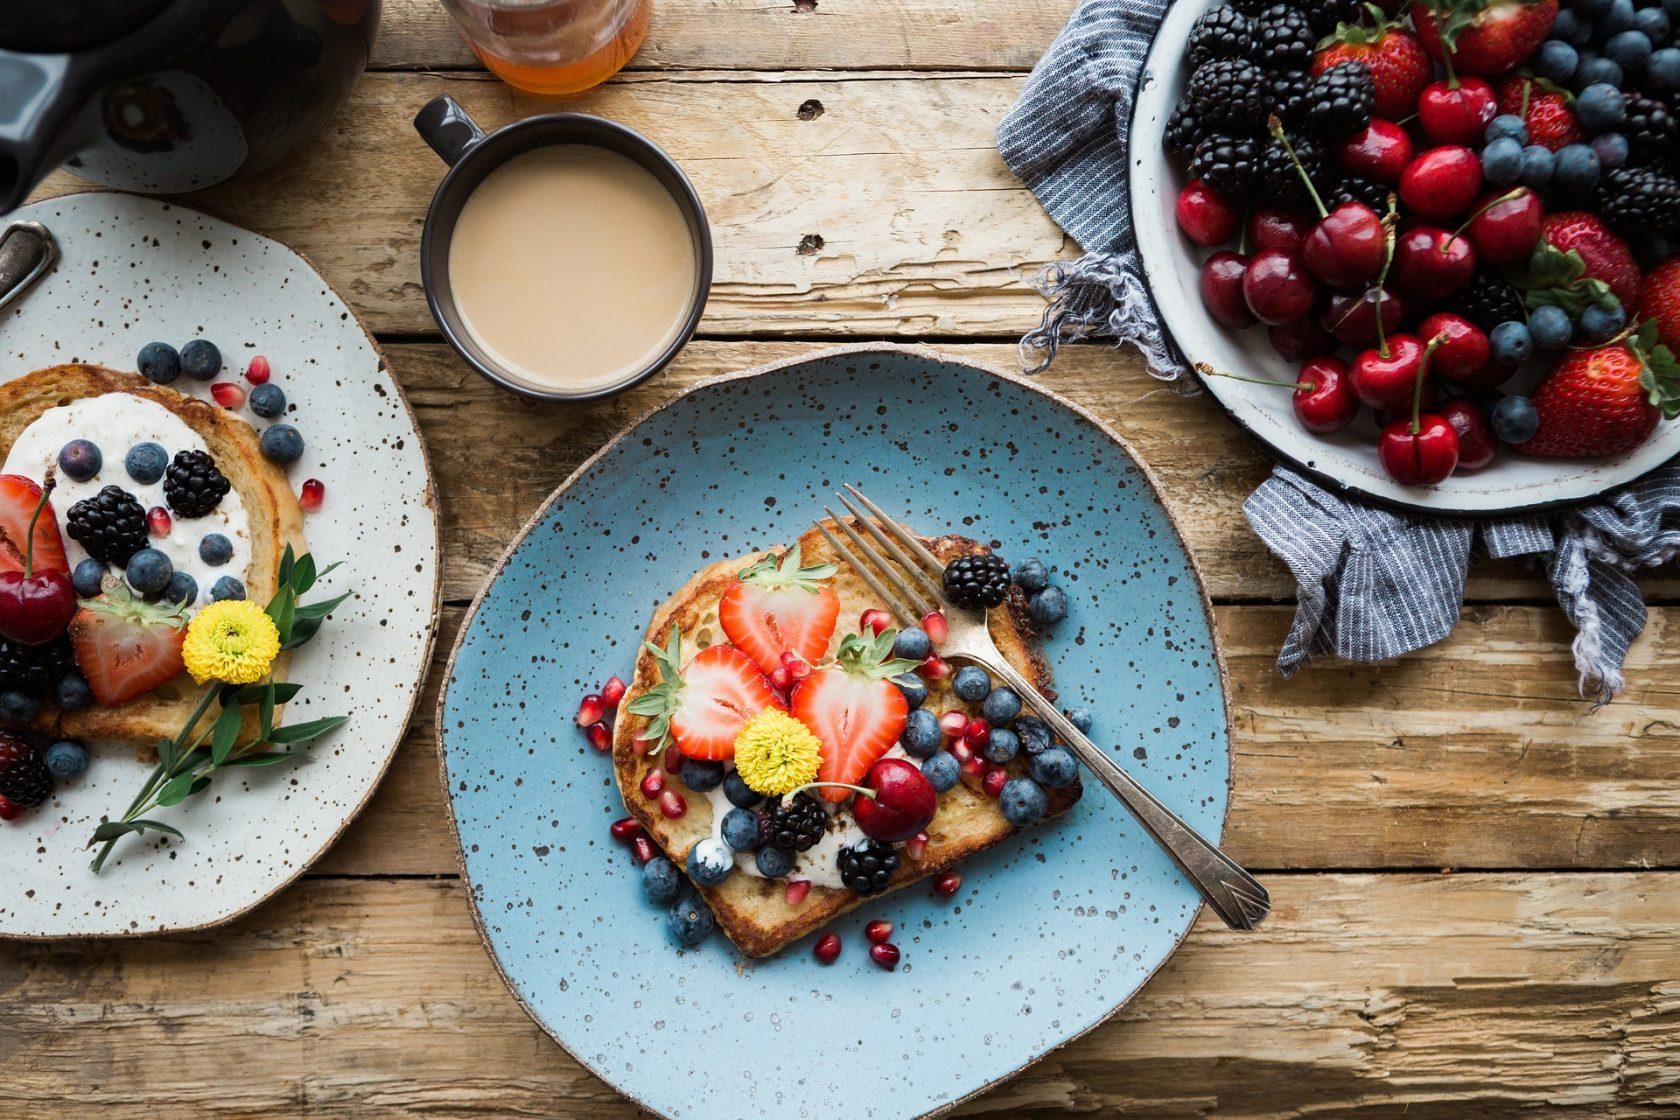 Co je to rámcový jídelníček a proč na něj vsadit?